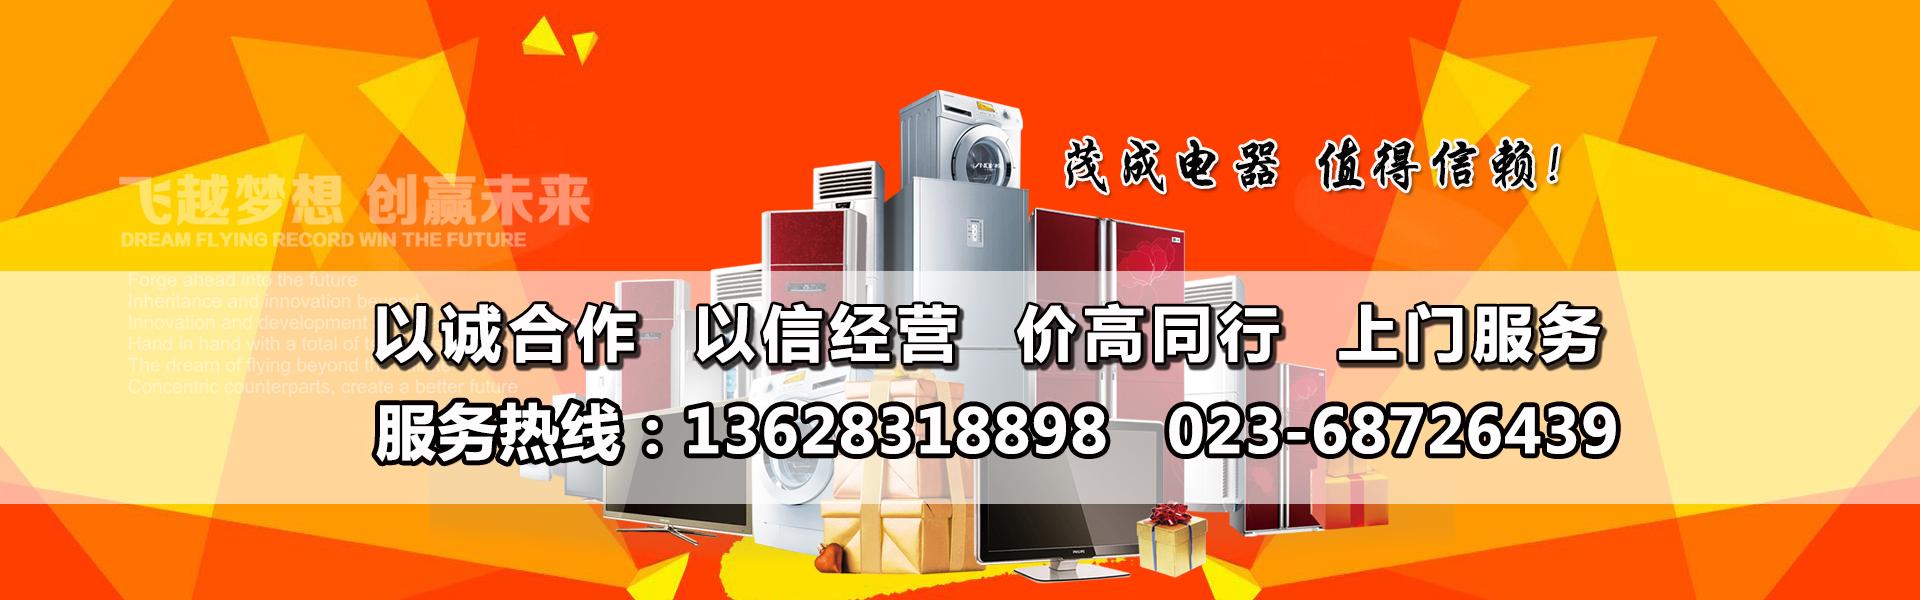 重庆家电收受接收以诚协作、以信运营、价高同业,上门办事等特点。